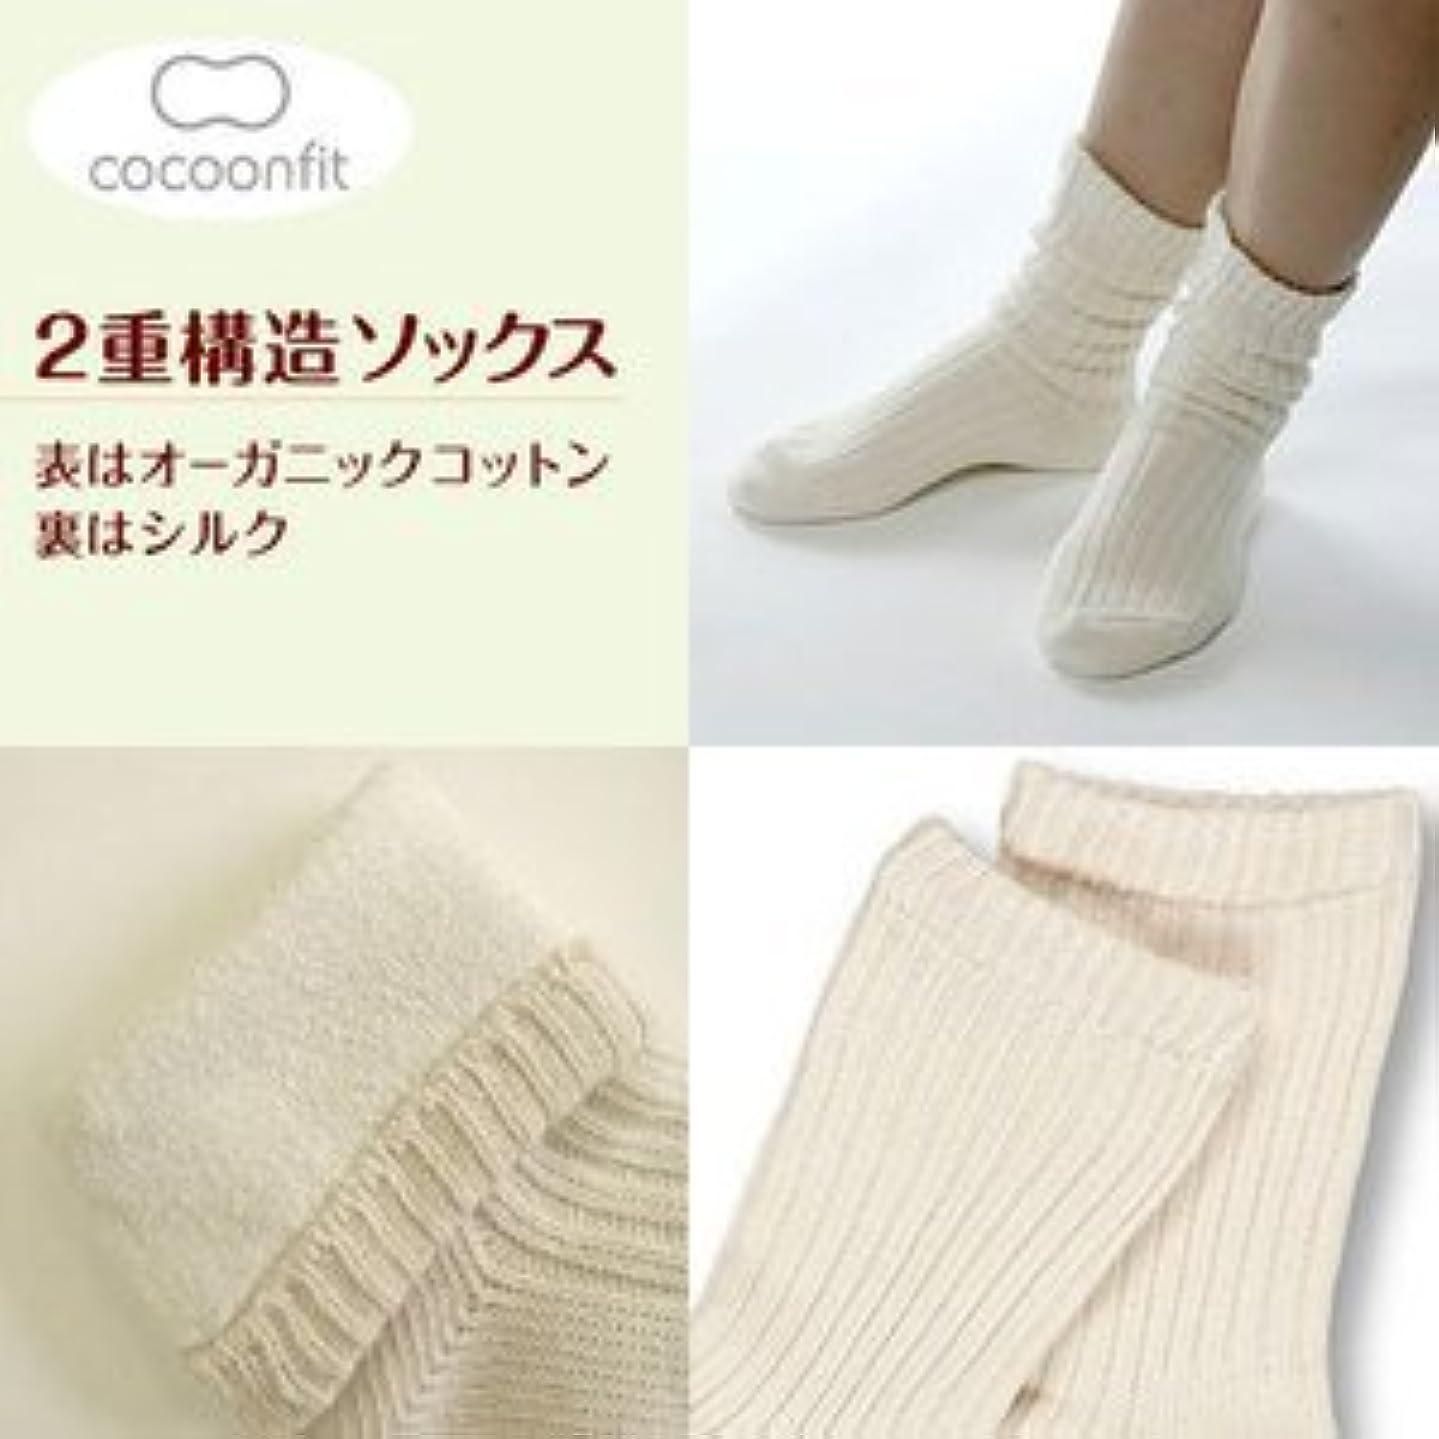 アパート始めるプレーヤーシルク 2重編みソックス (冷え取り靴下、冷えとり 靴下 シルク、重ね、二重)